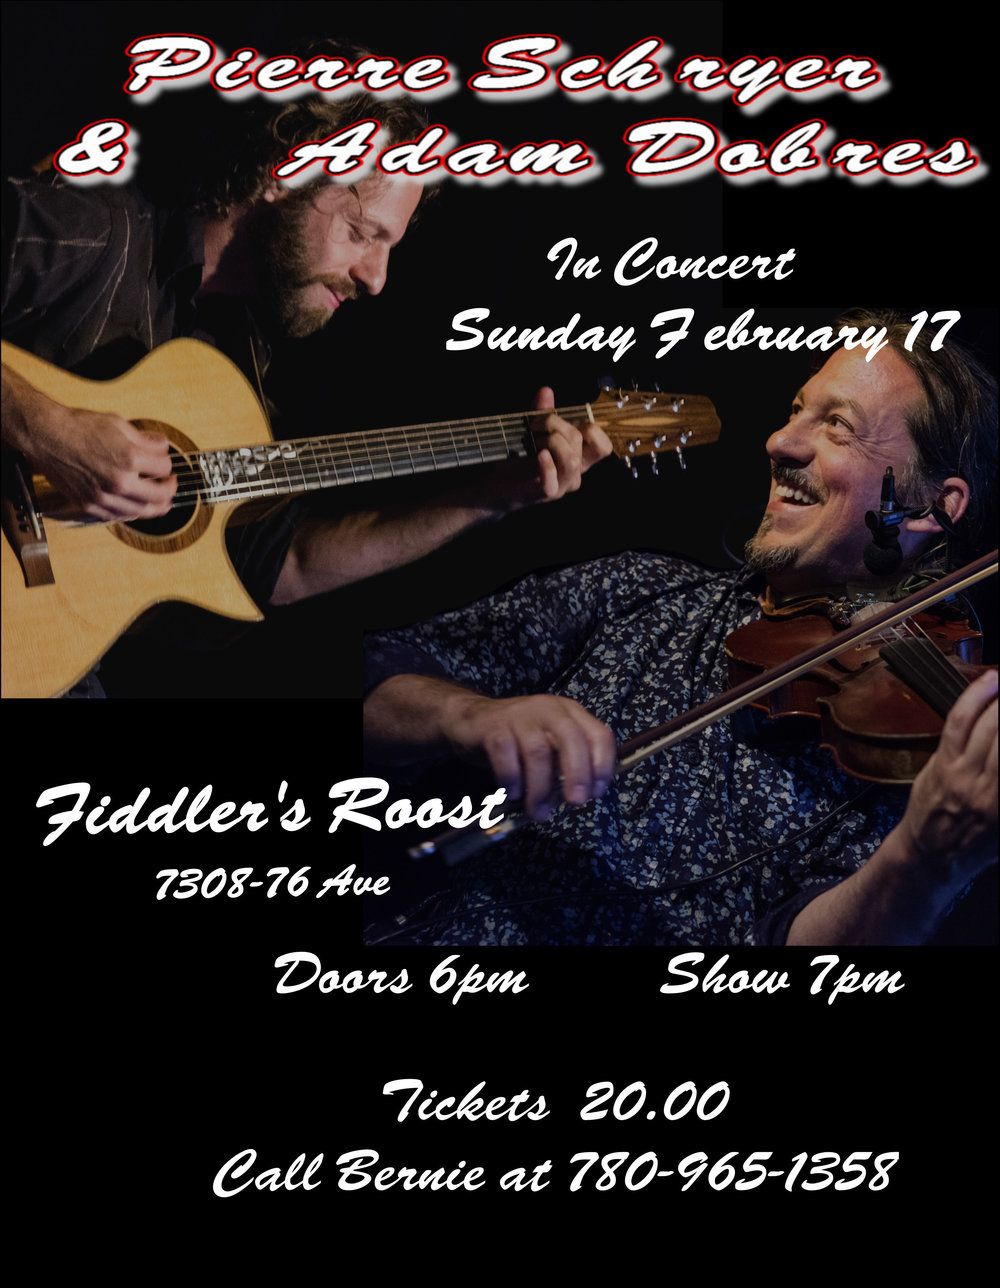 Fiddler's Roost - Pierre Schryer & Adam Dobres